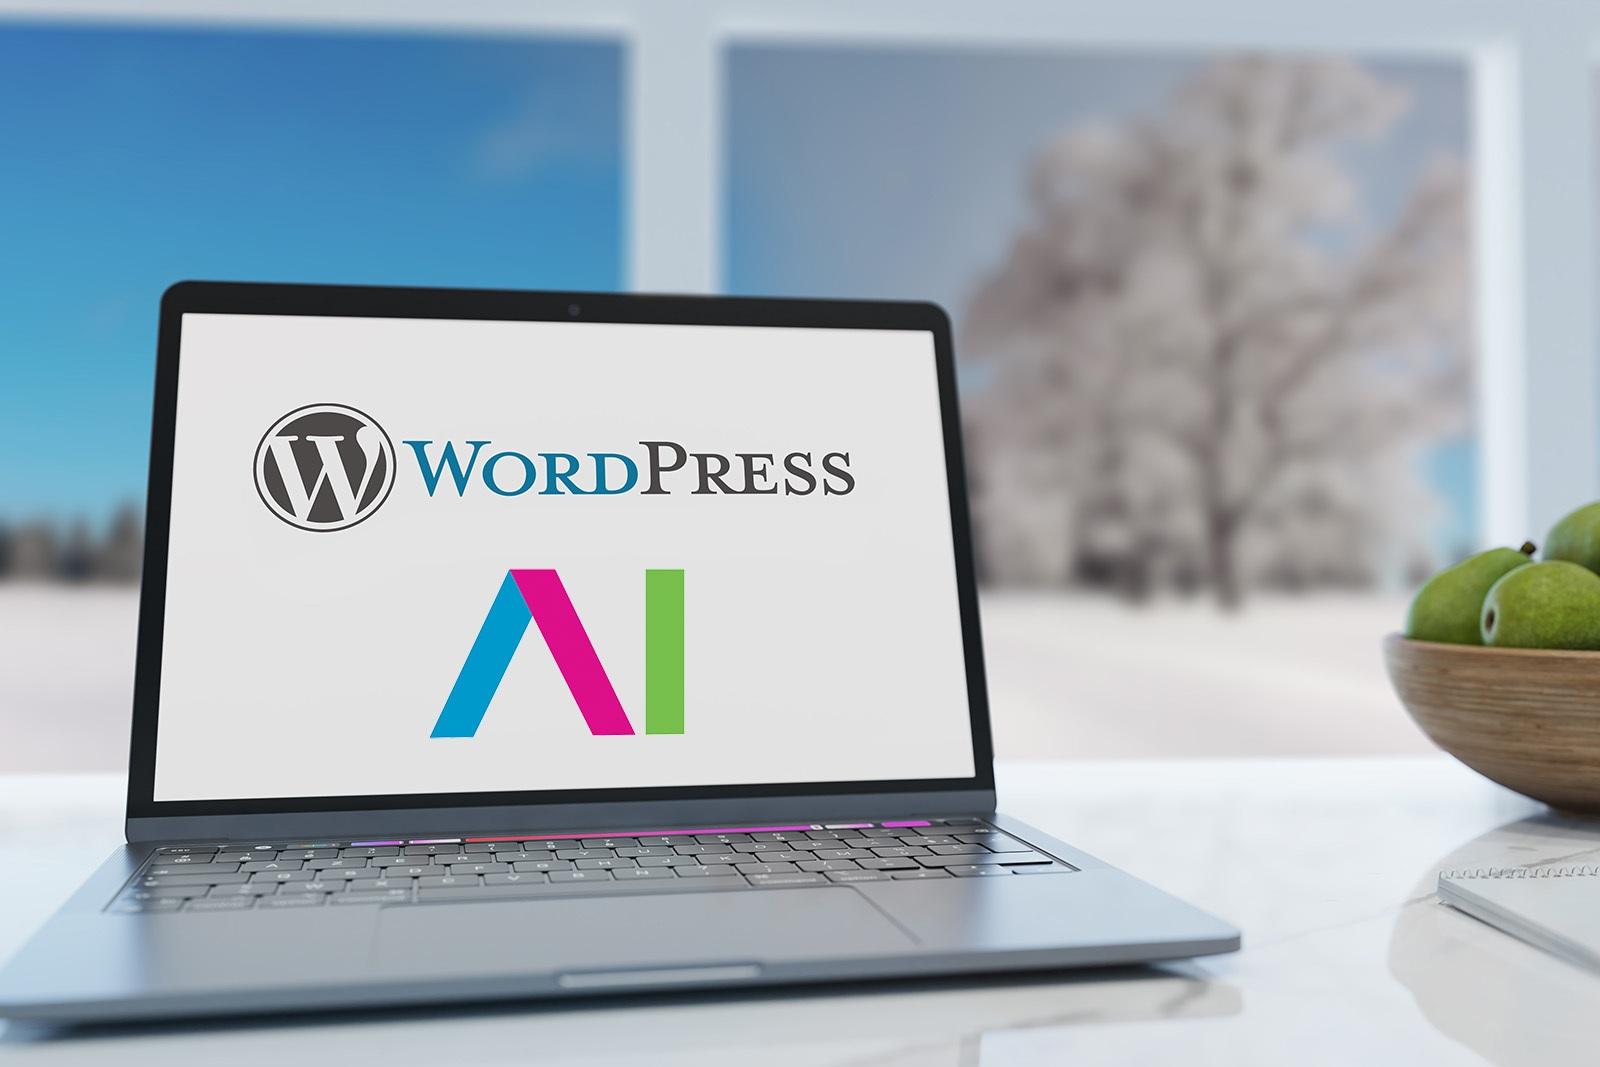 WordPress Agentur aus Bremen